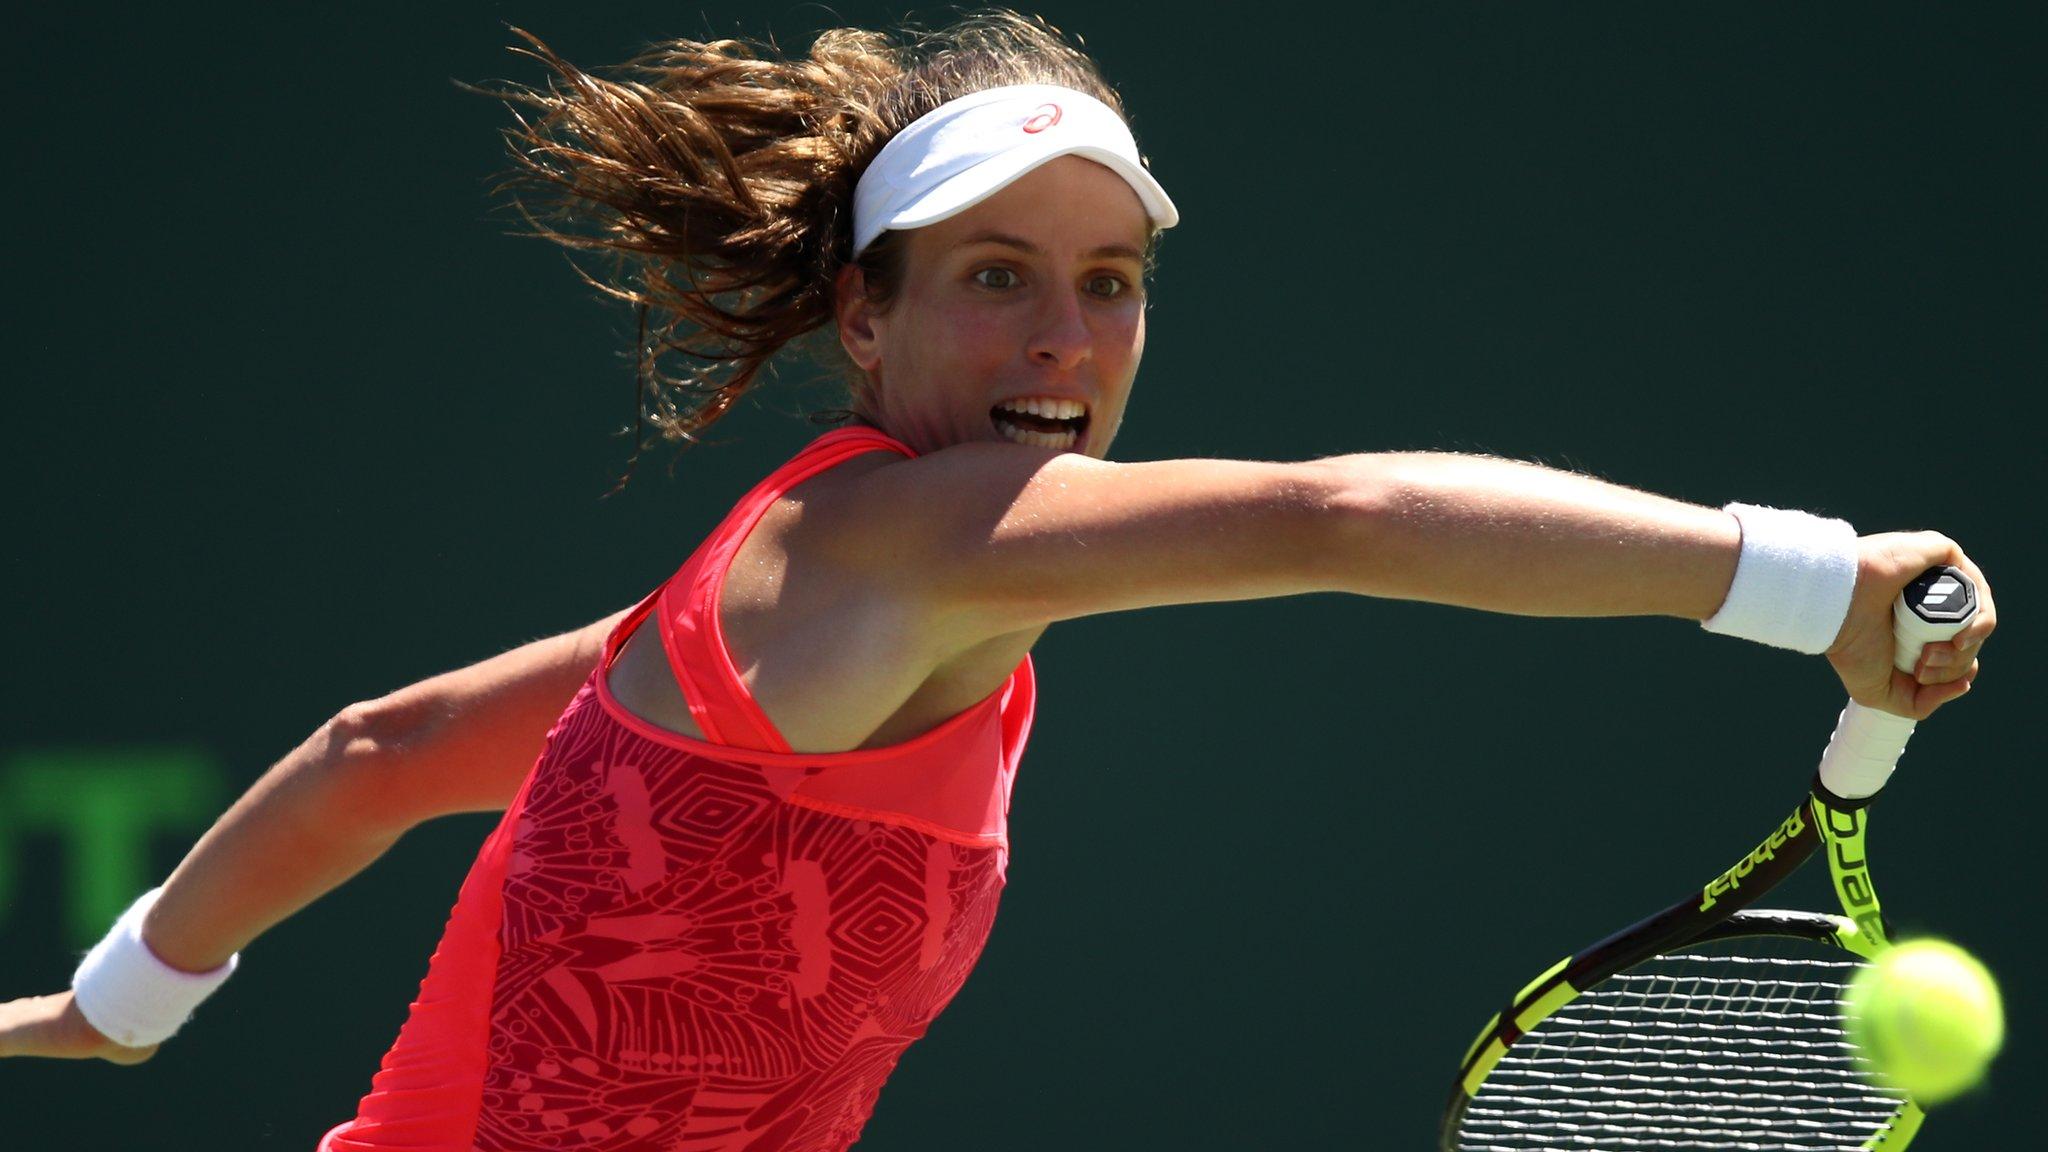 Miami Open: Johanna Konta beats Simona Halep to reach semi-finals